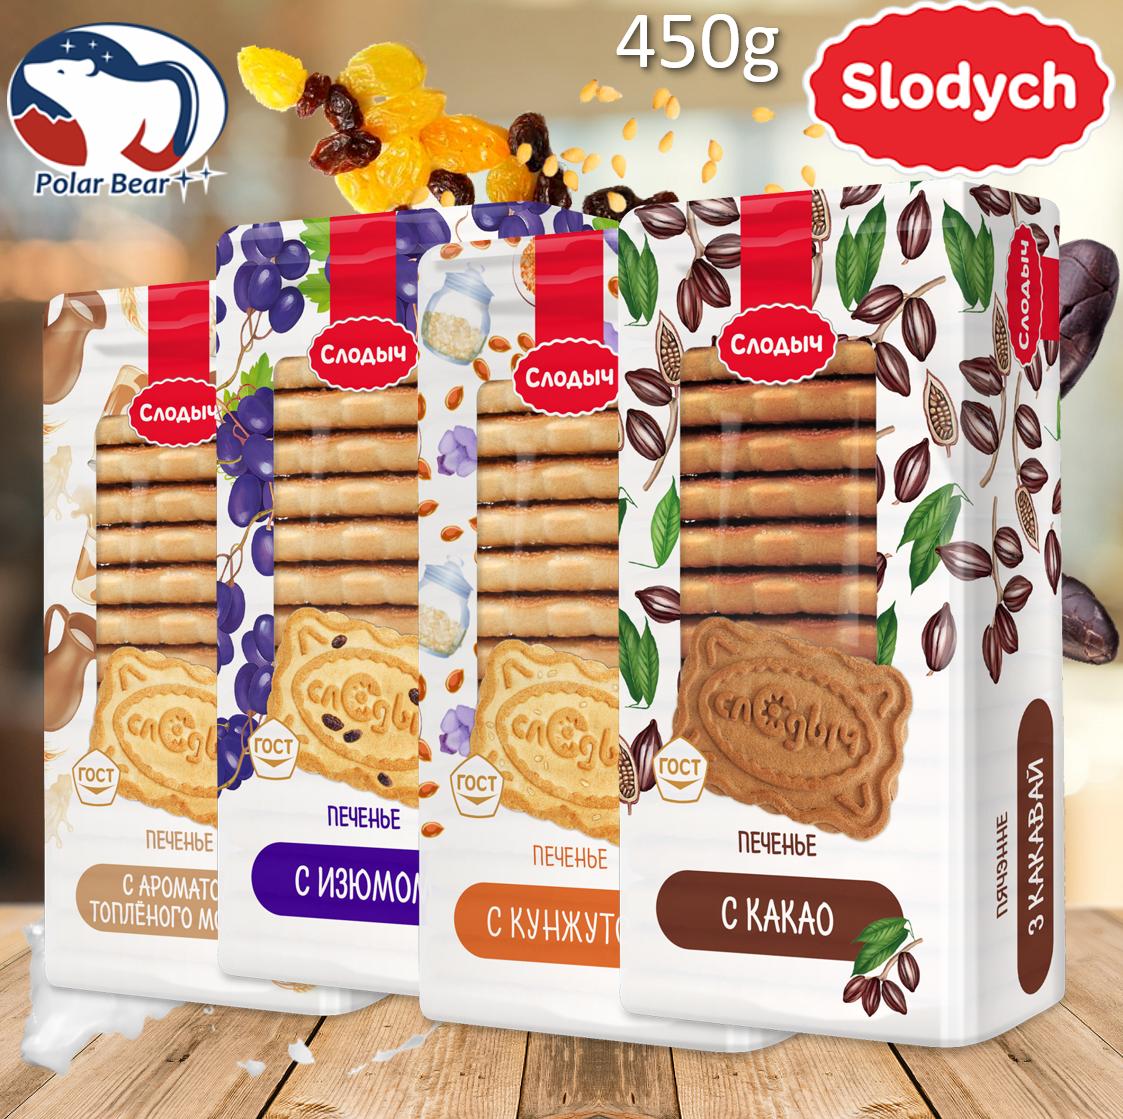 白俄罗斯原装进口西罗德芝麻饼干早餐零食糕点曲奇450g克可可牛奶